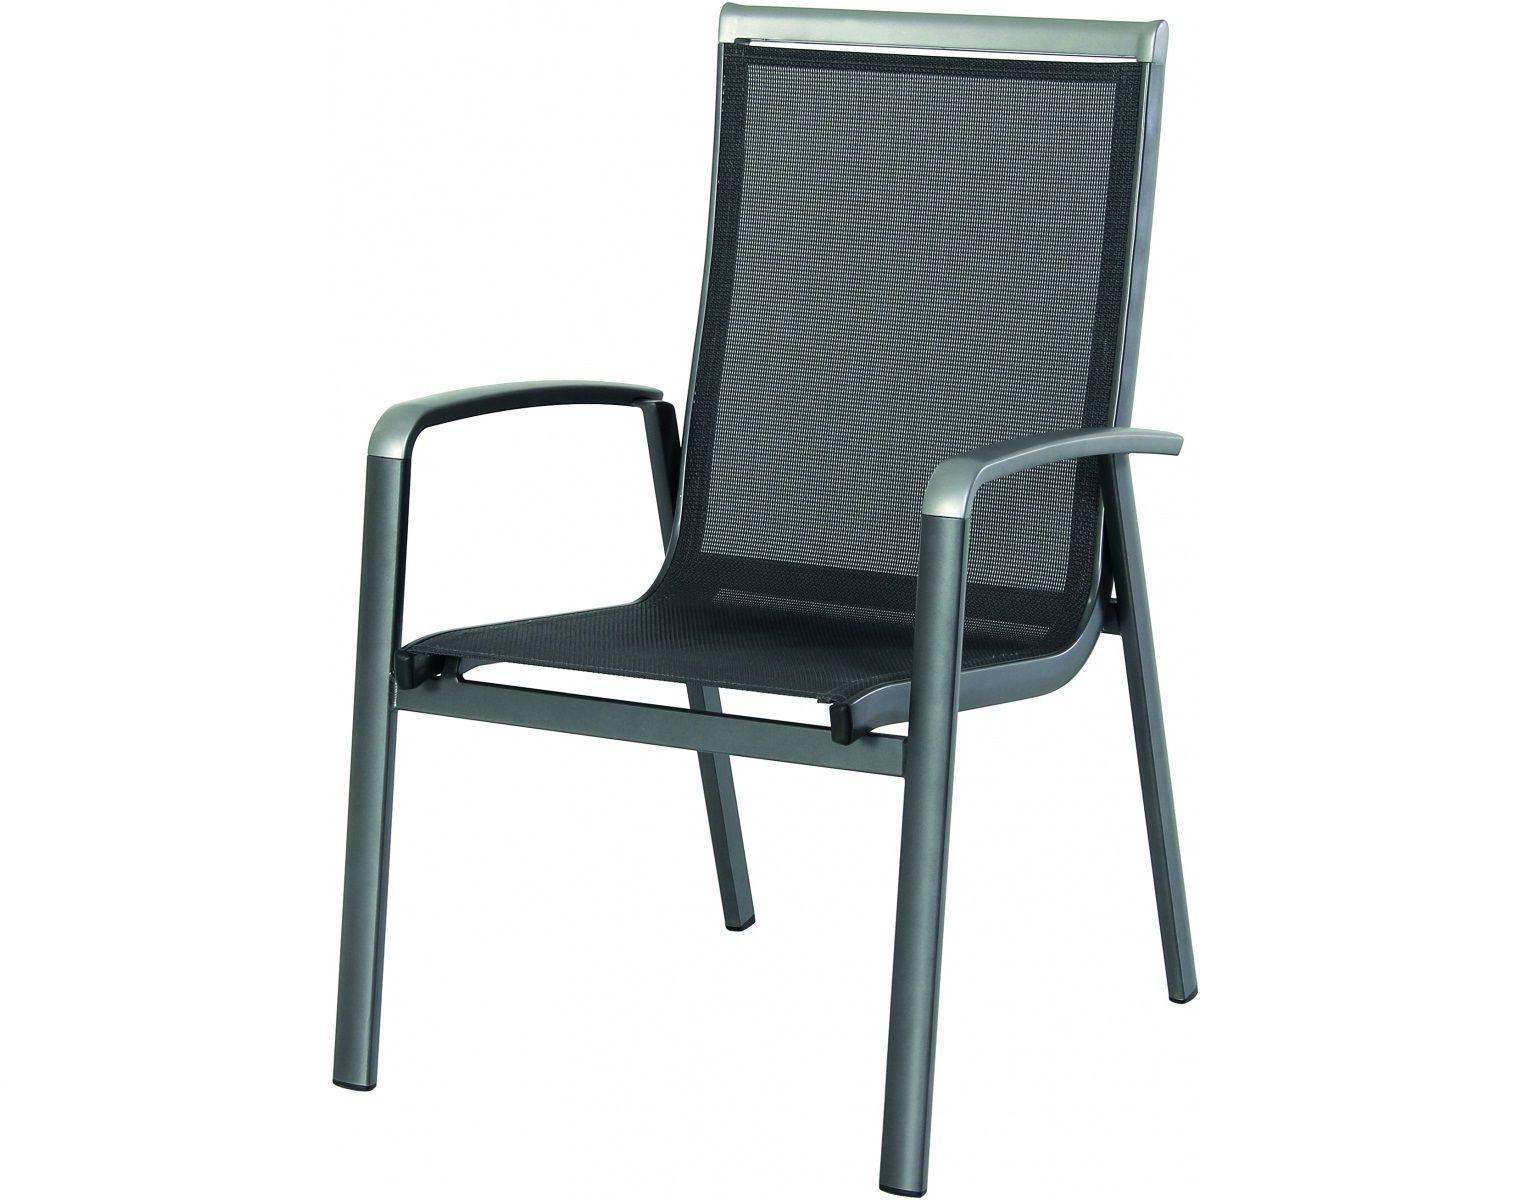 Stohovatelná hliníková židle Garland - Forios, kód: 879119